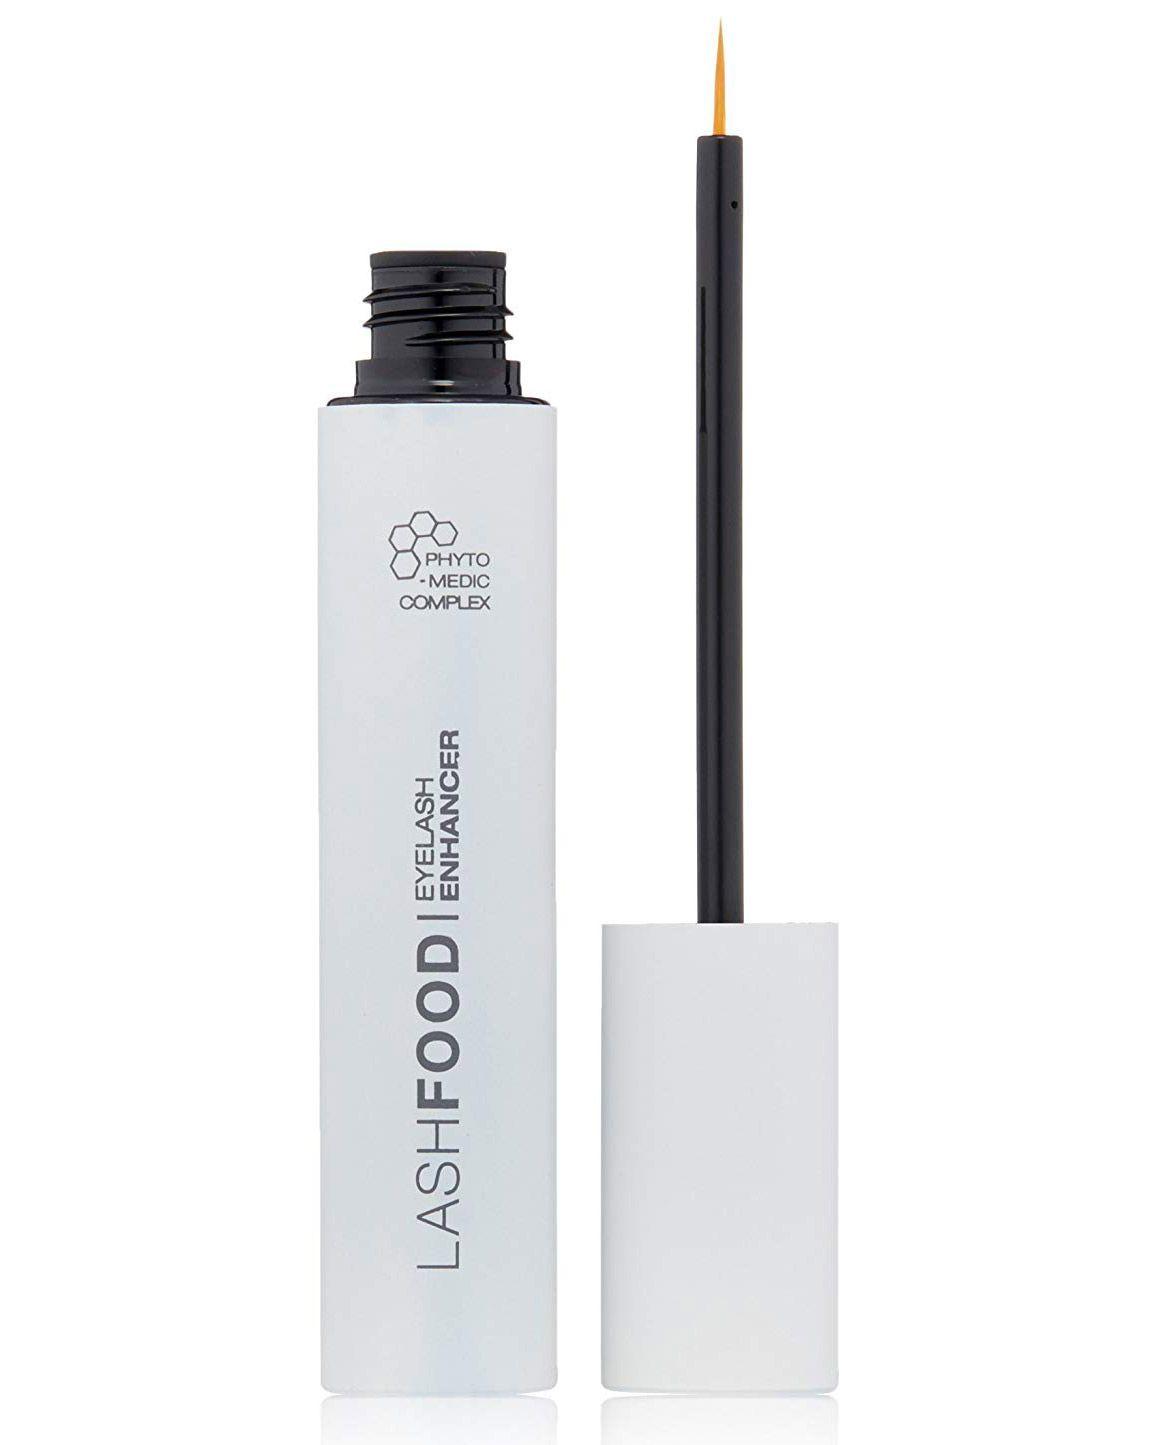 LashFood Phyto-Medic Eyelash Enhance